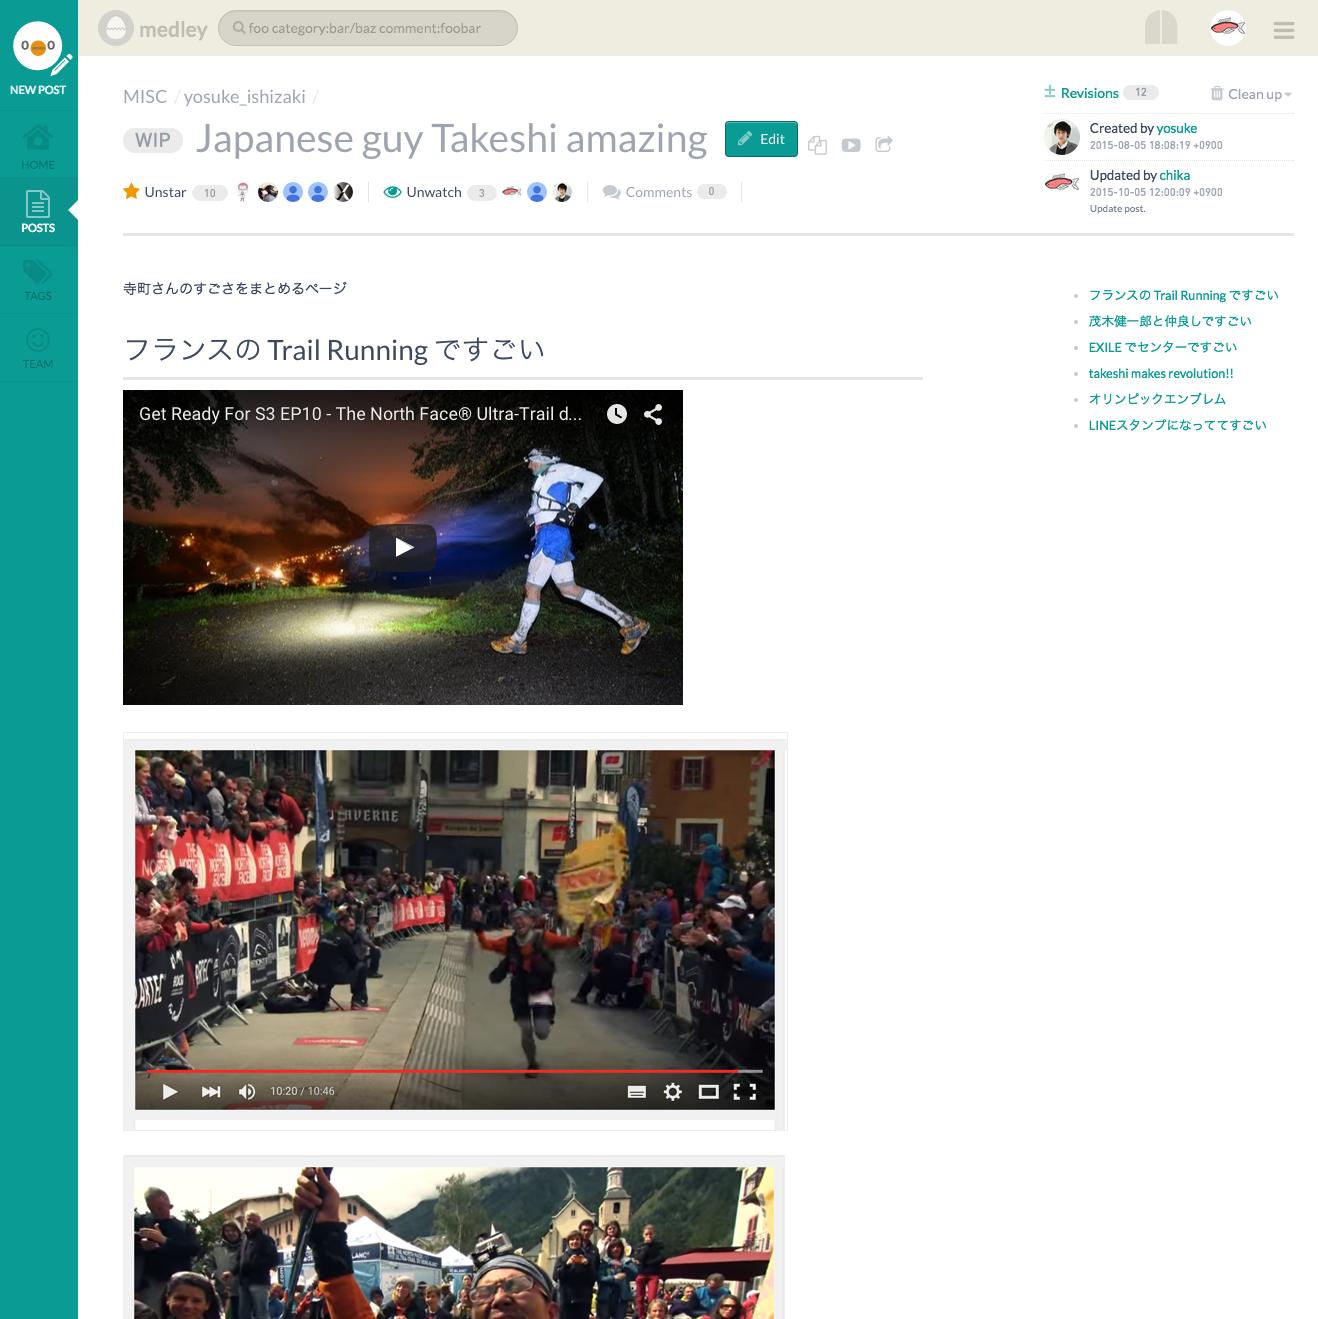 スクリーンショット 2015-10-22 12.50.15.png (1.1 MB)